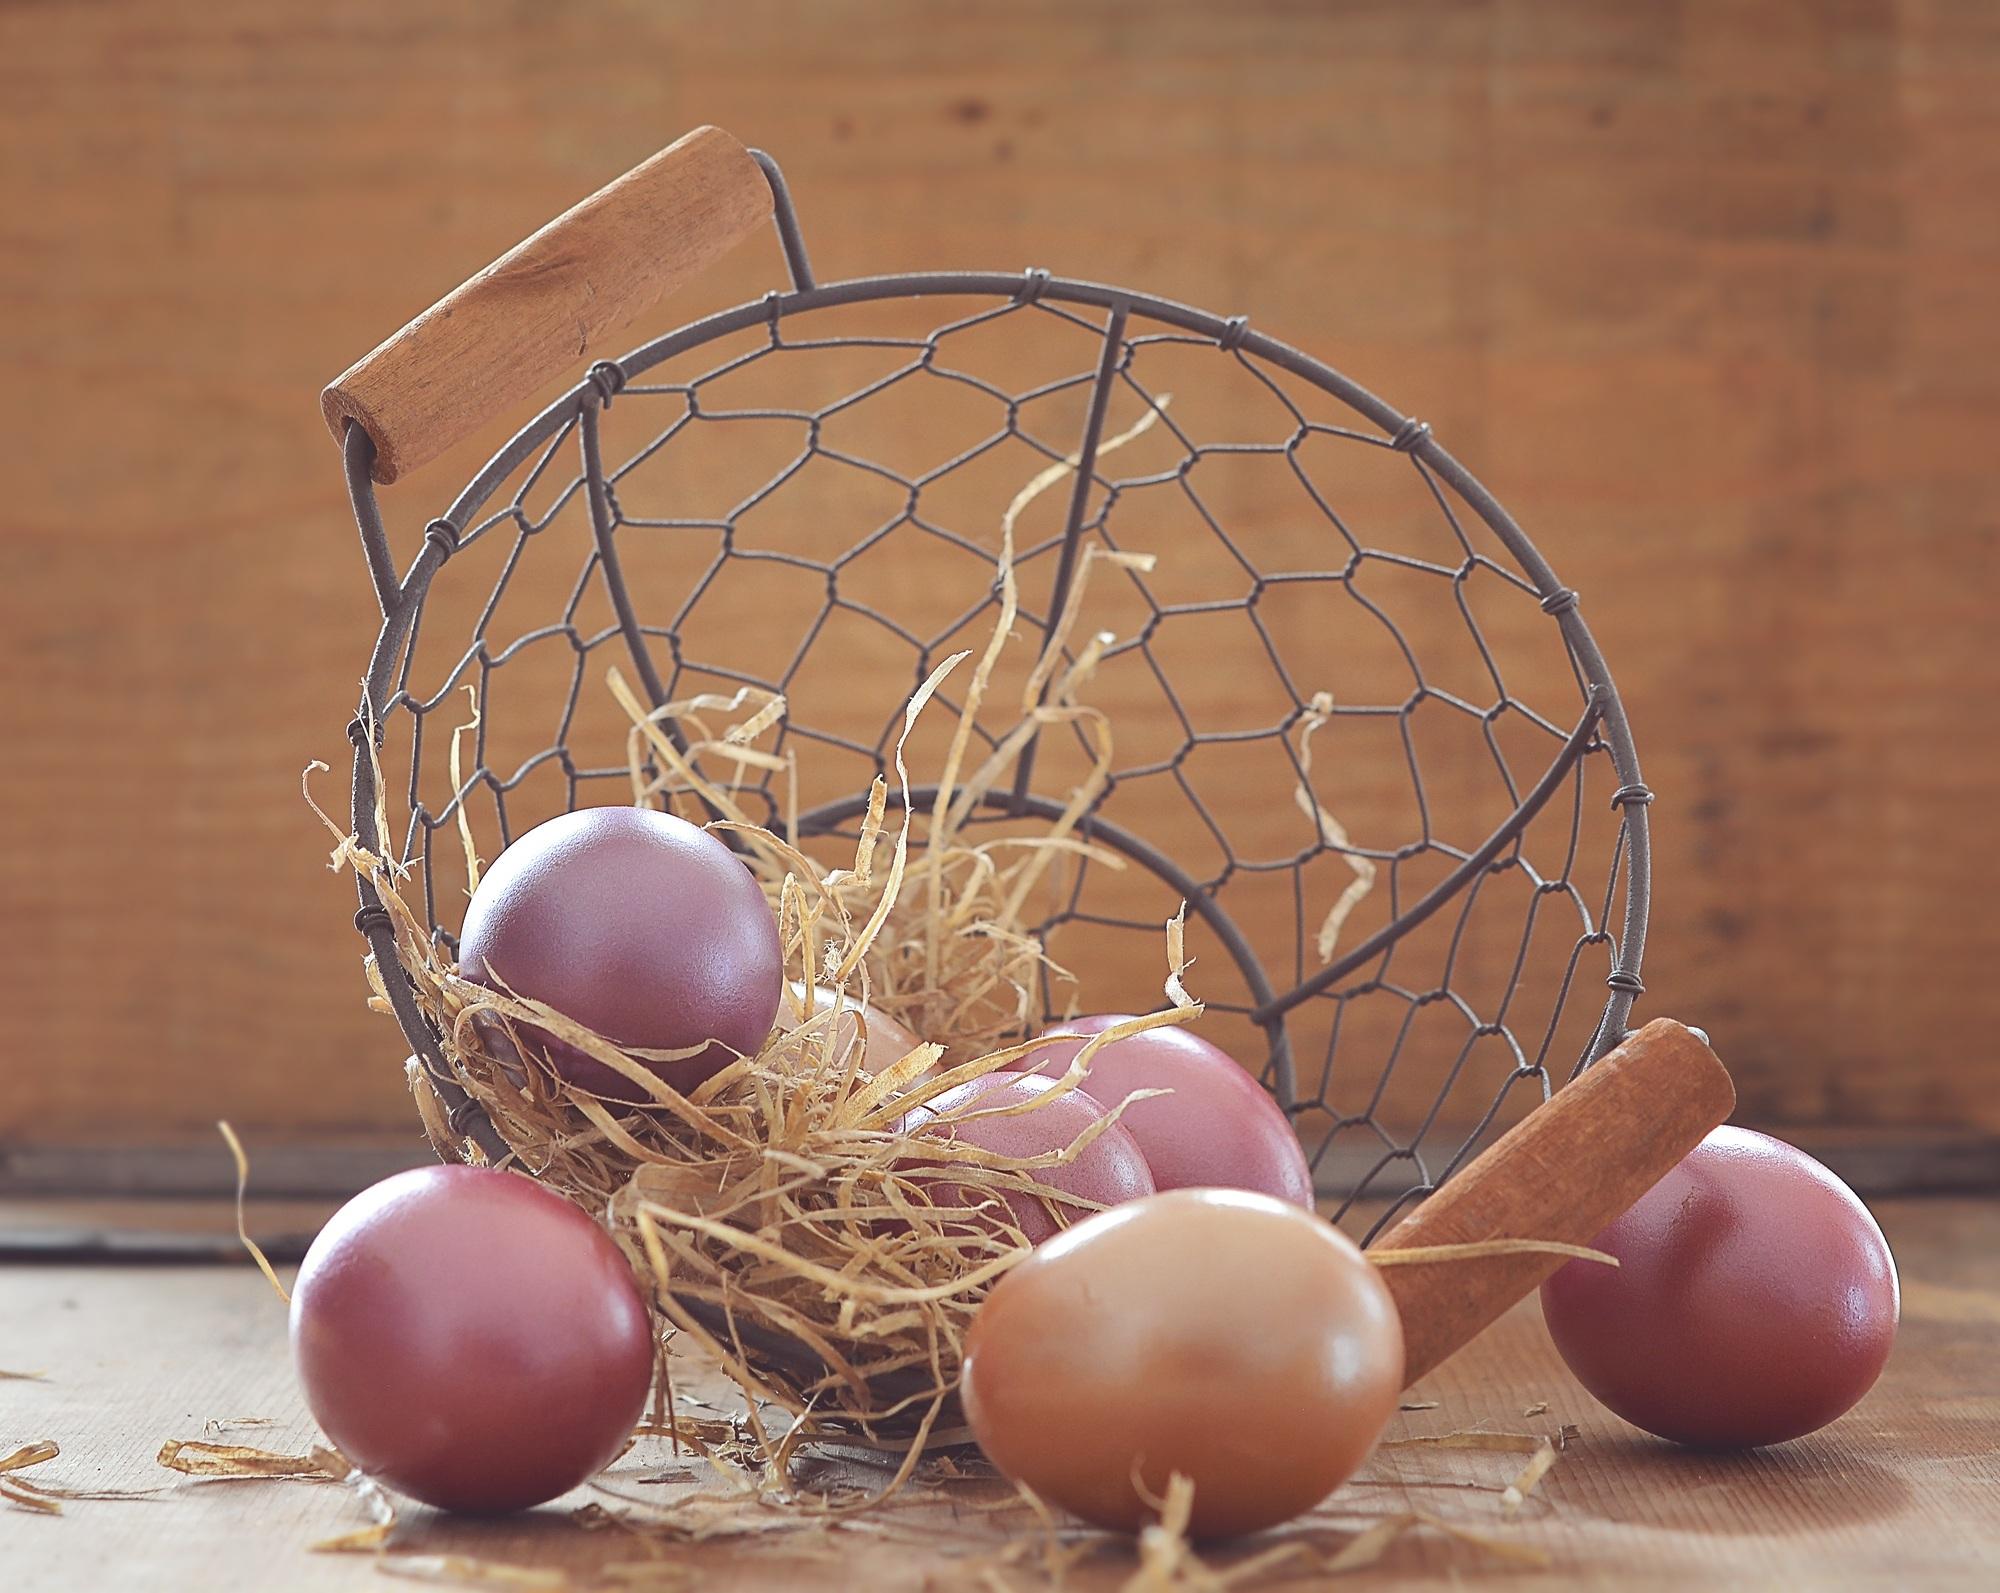 149334 Заставки и Обои Яйца на телефон. Скачать Праздники, Яйца, Корзинка, Пасхальные Яйца картинки бесплатно